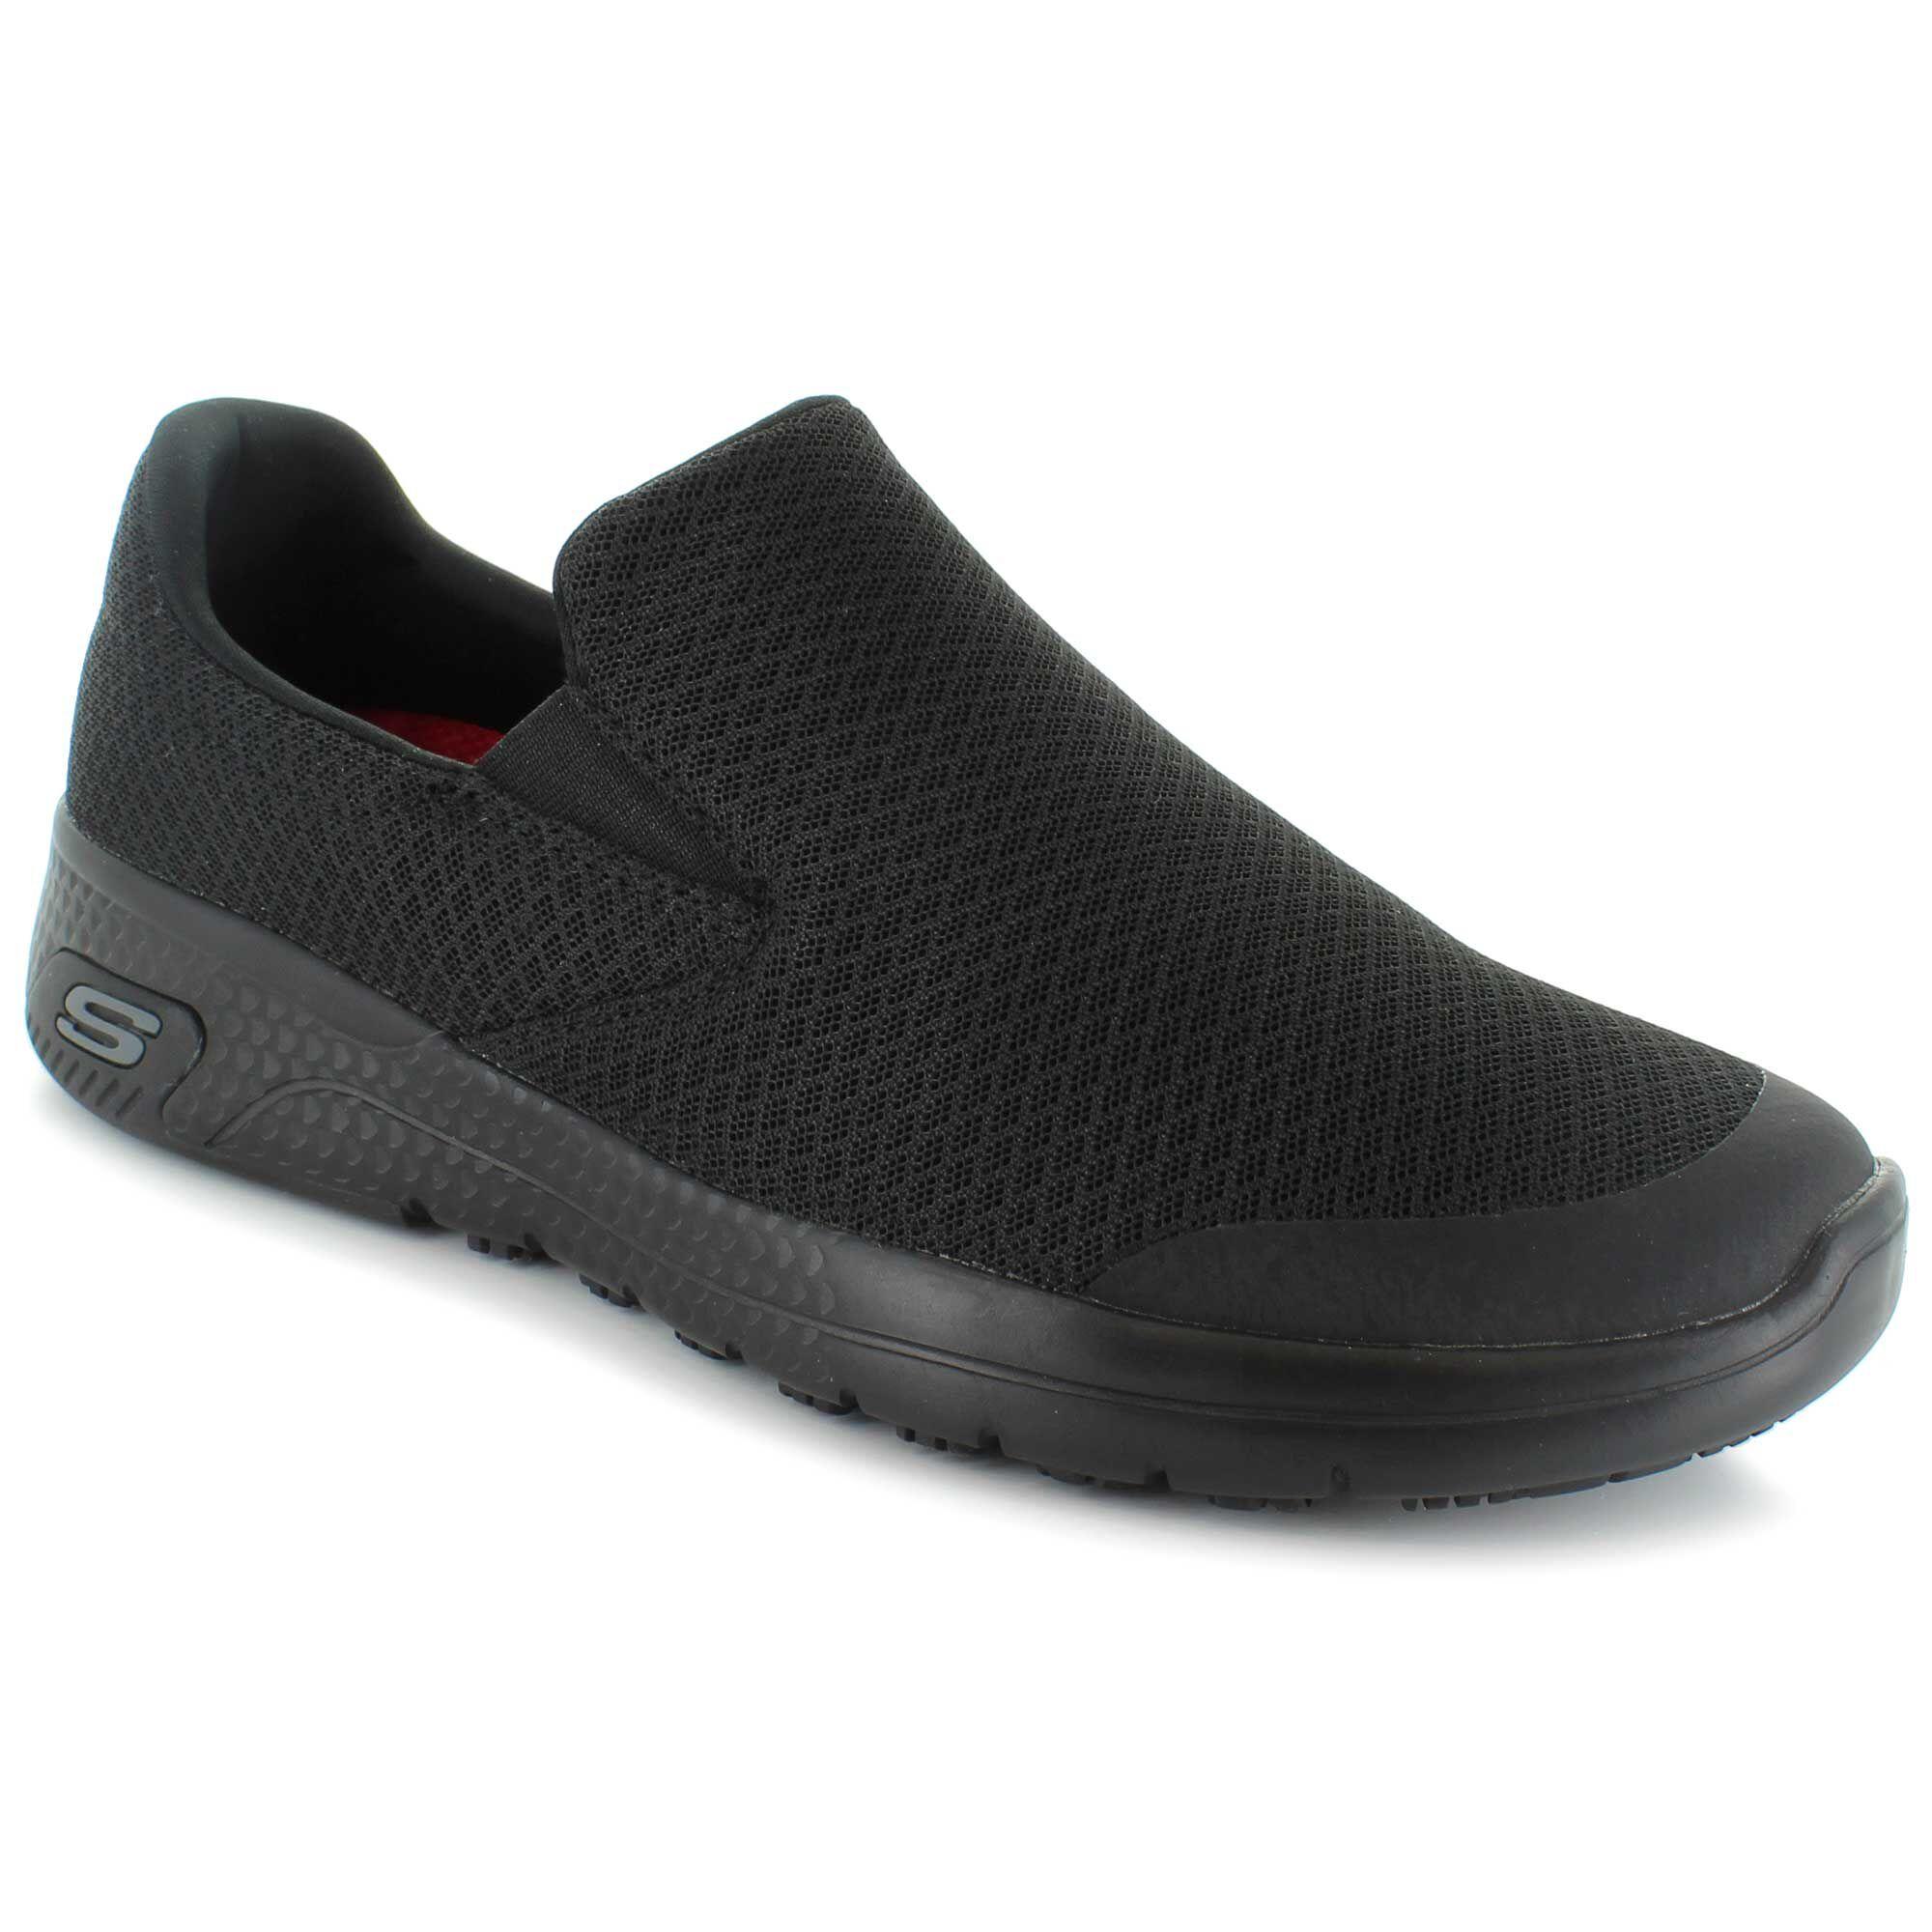 Women's Slip-Resistant Shoes | Shop Now